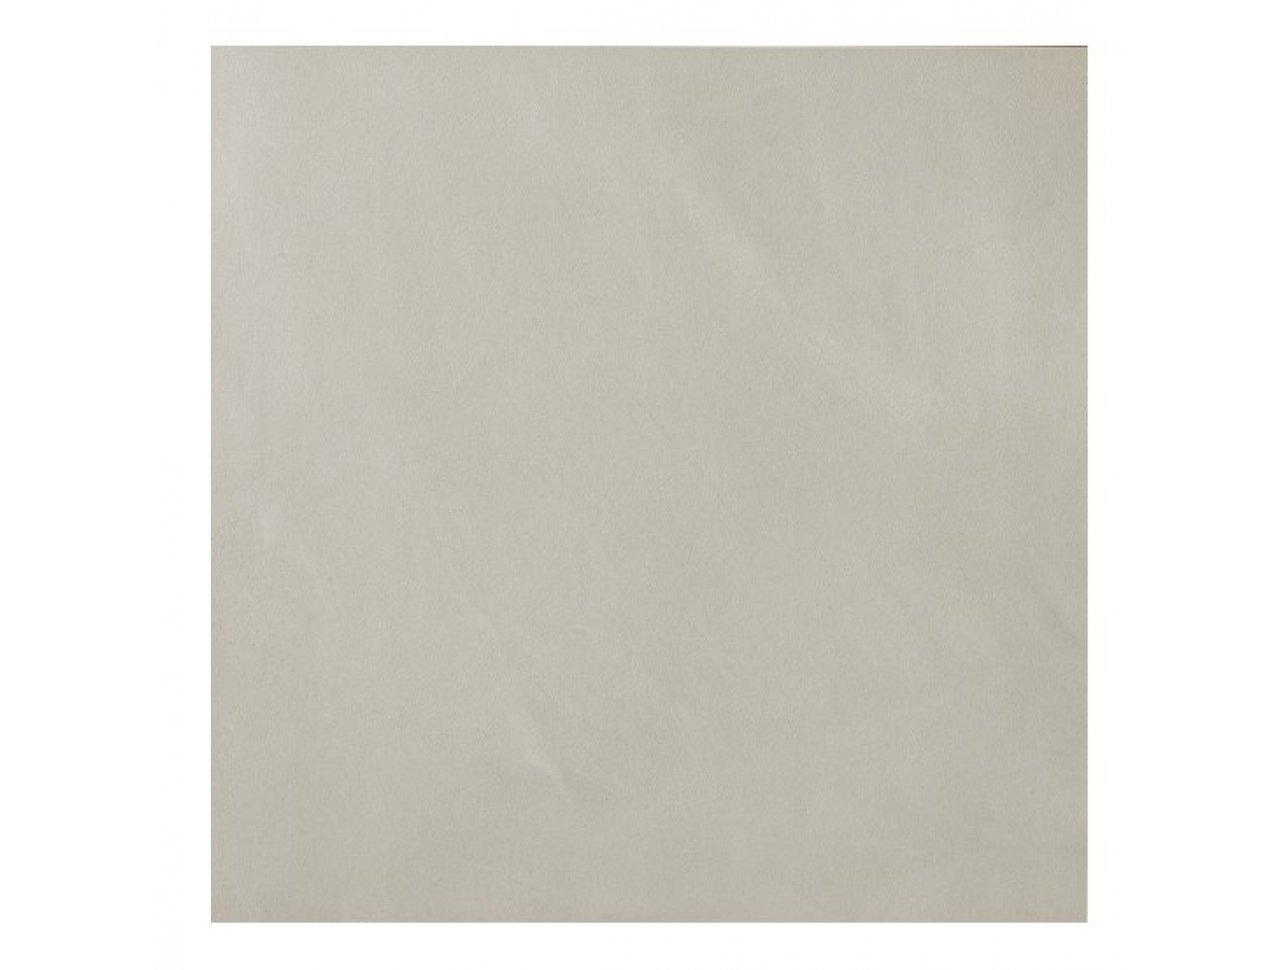 Напольная плитка FAP Color Now Floor Perla Matt 60 x 60 см, Арт. fNMC